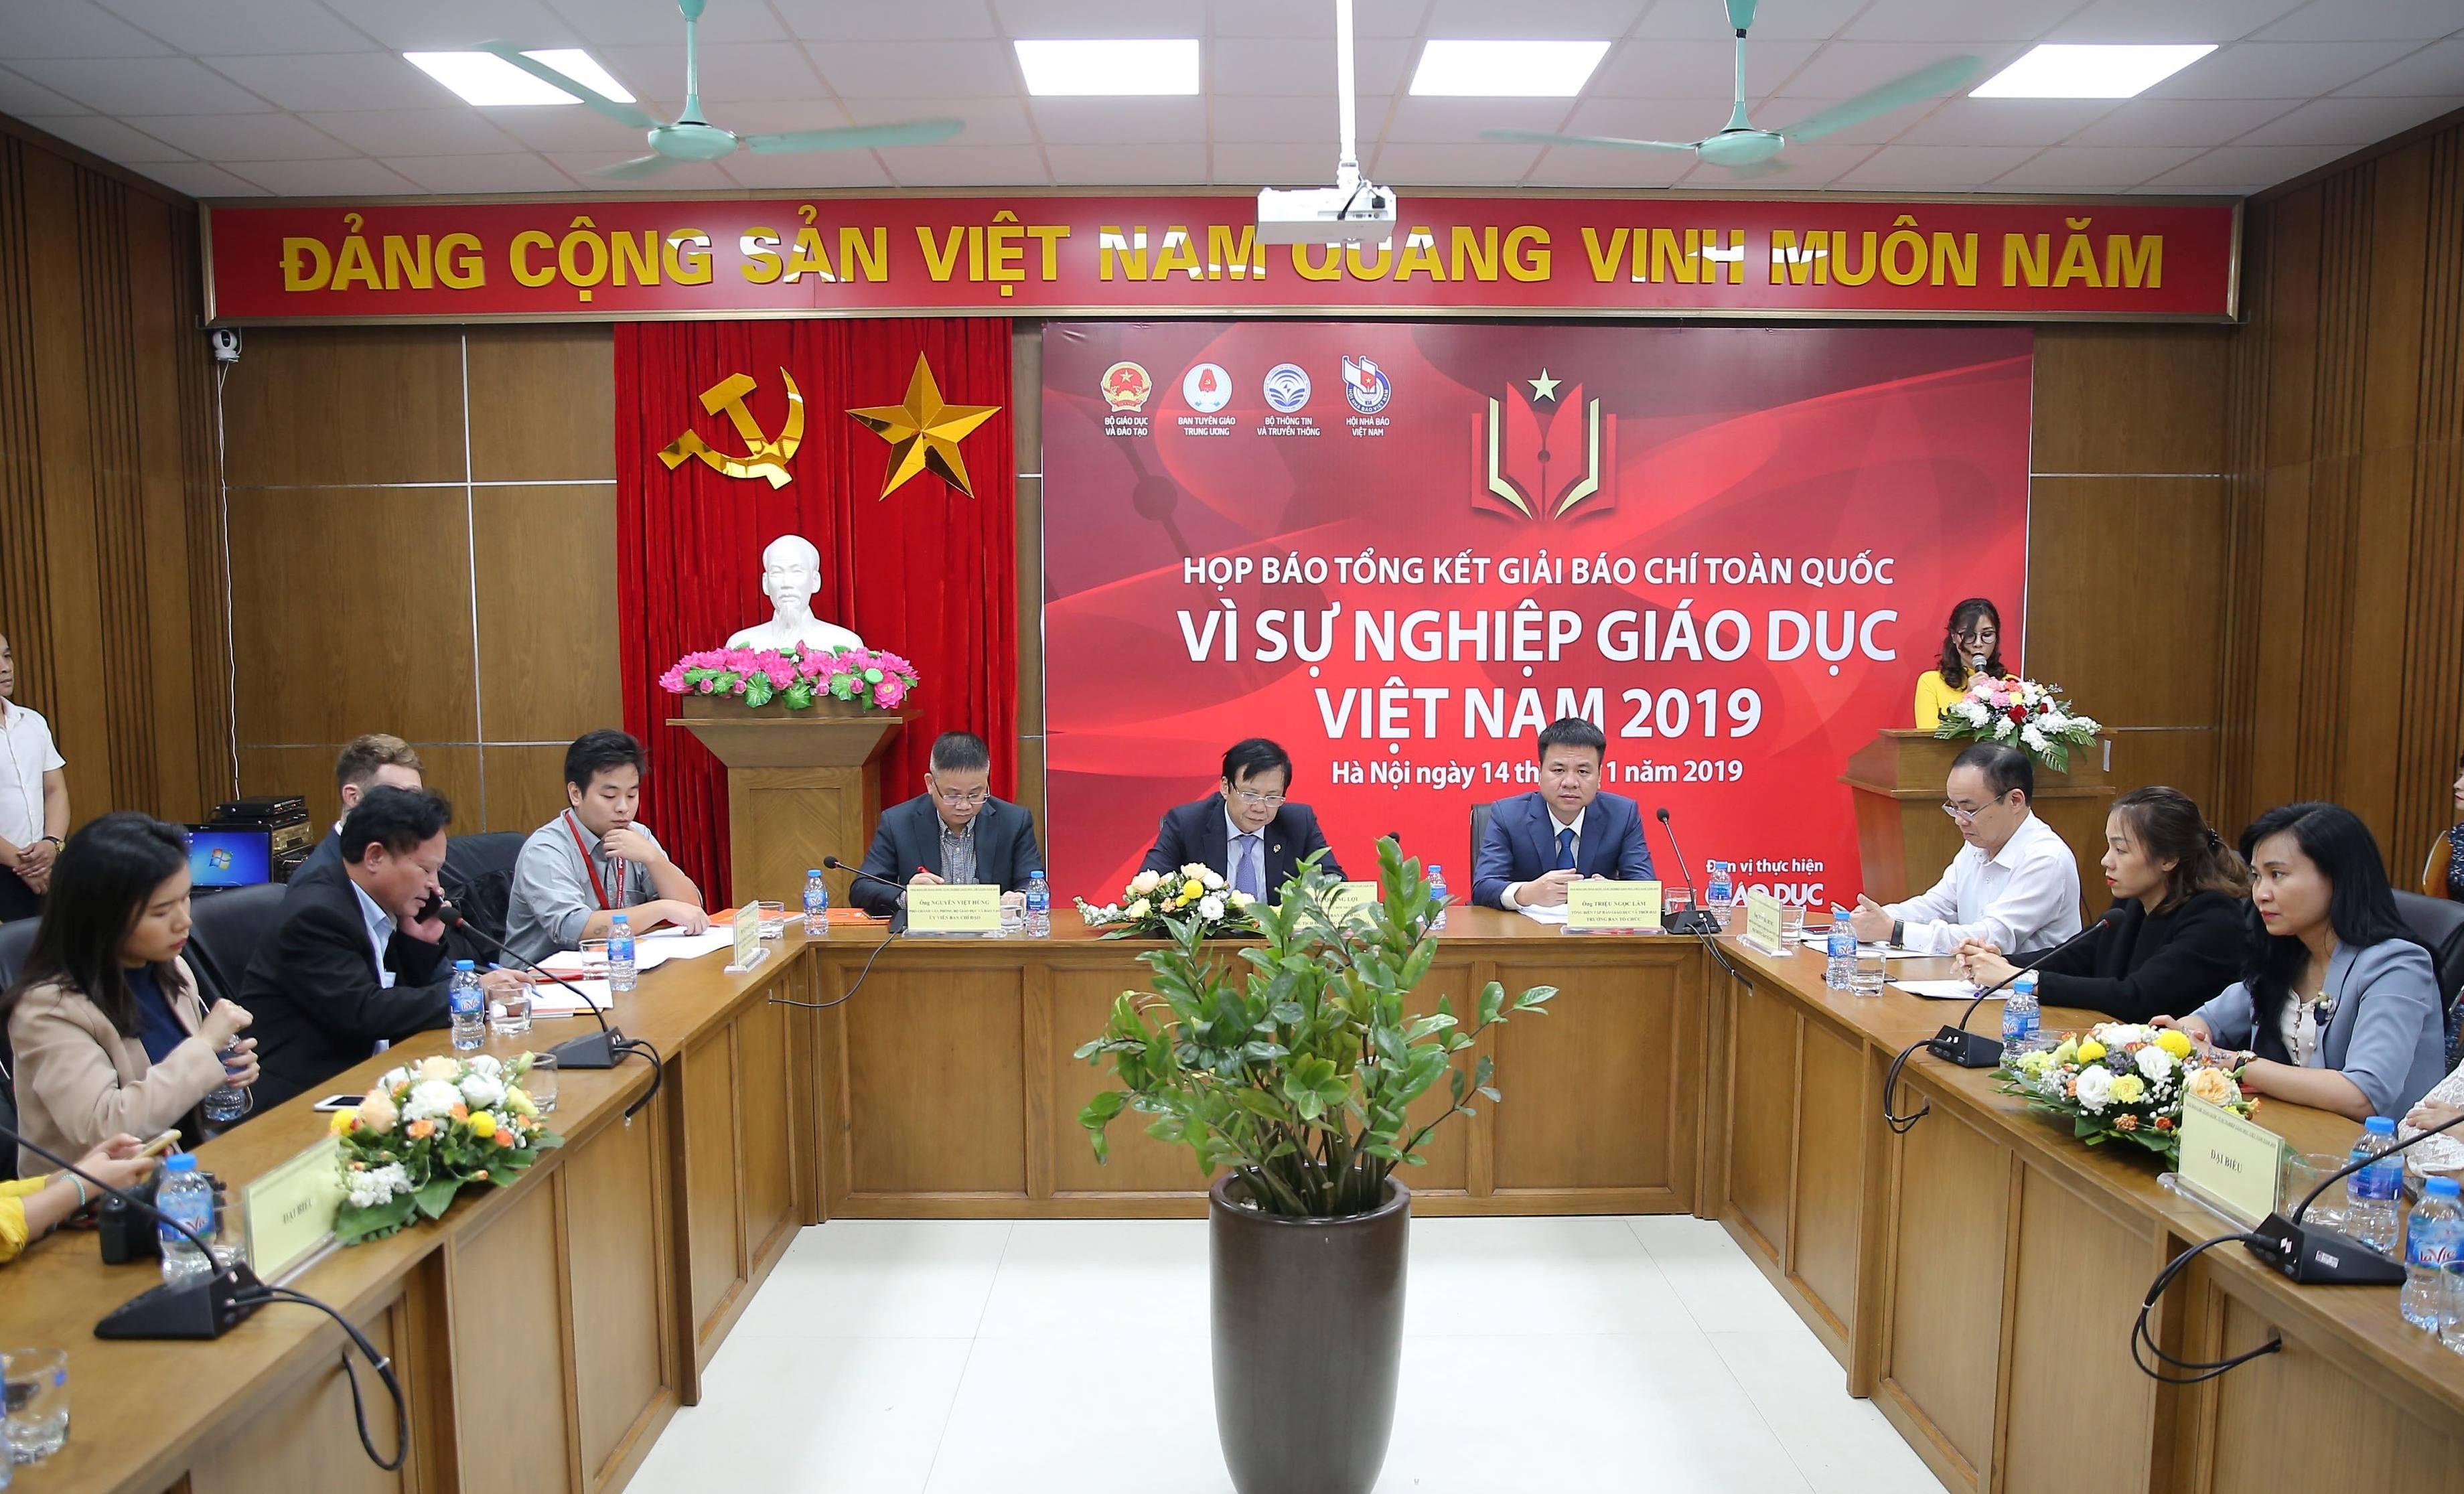 44 tác phẩm đoạt Giải báo chí toàn quốc 'Vì sự nghiệp Giáo dục Việt Nam' năm 2019